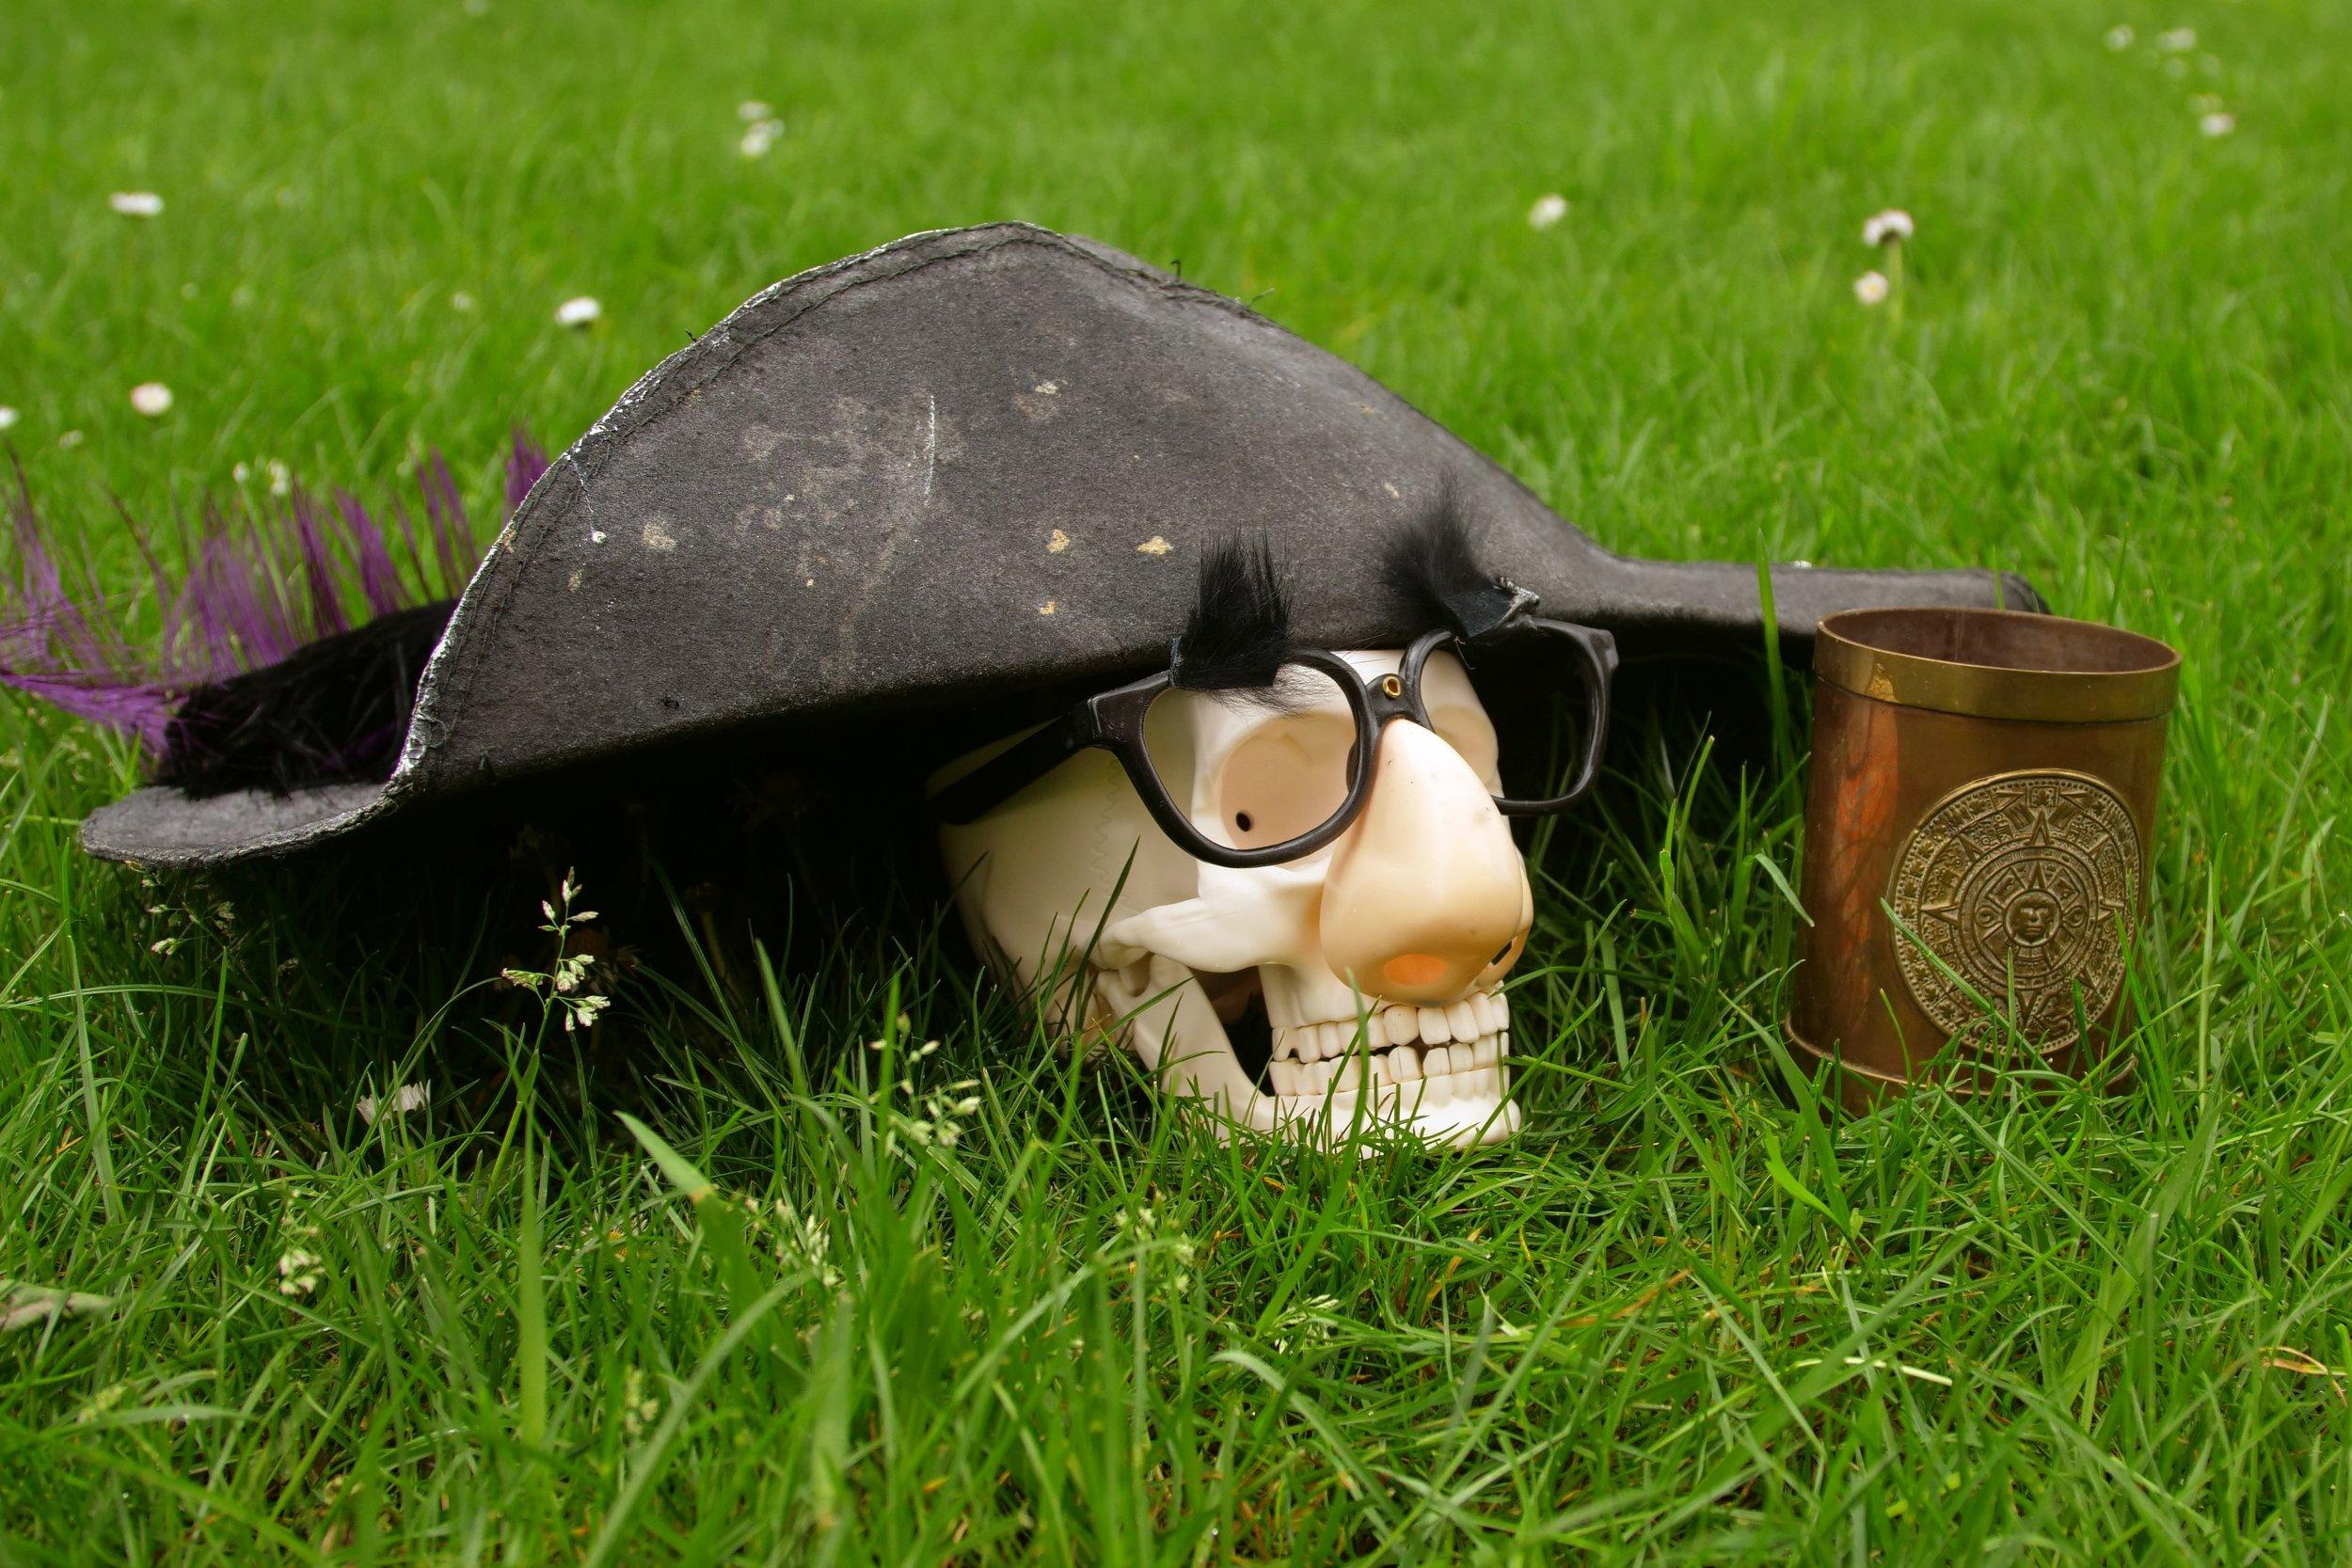 Hamlet the Musical - Image 1.JPG